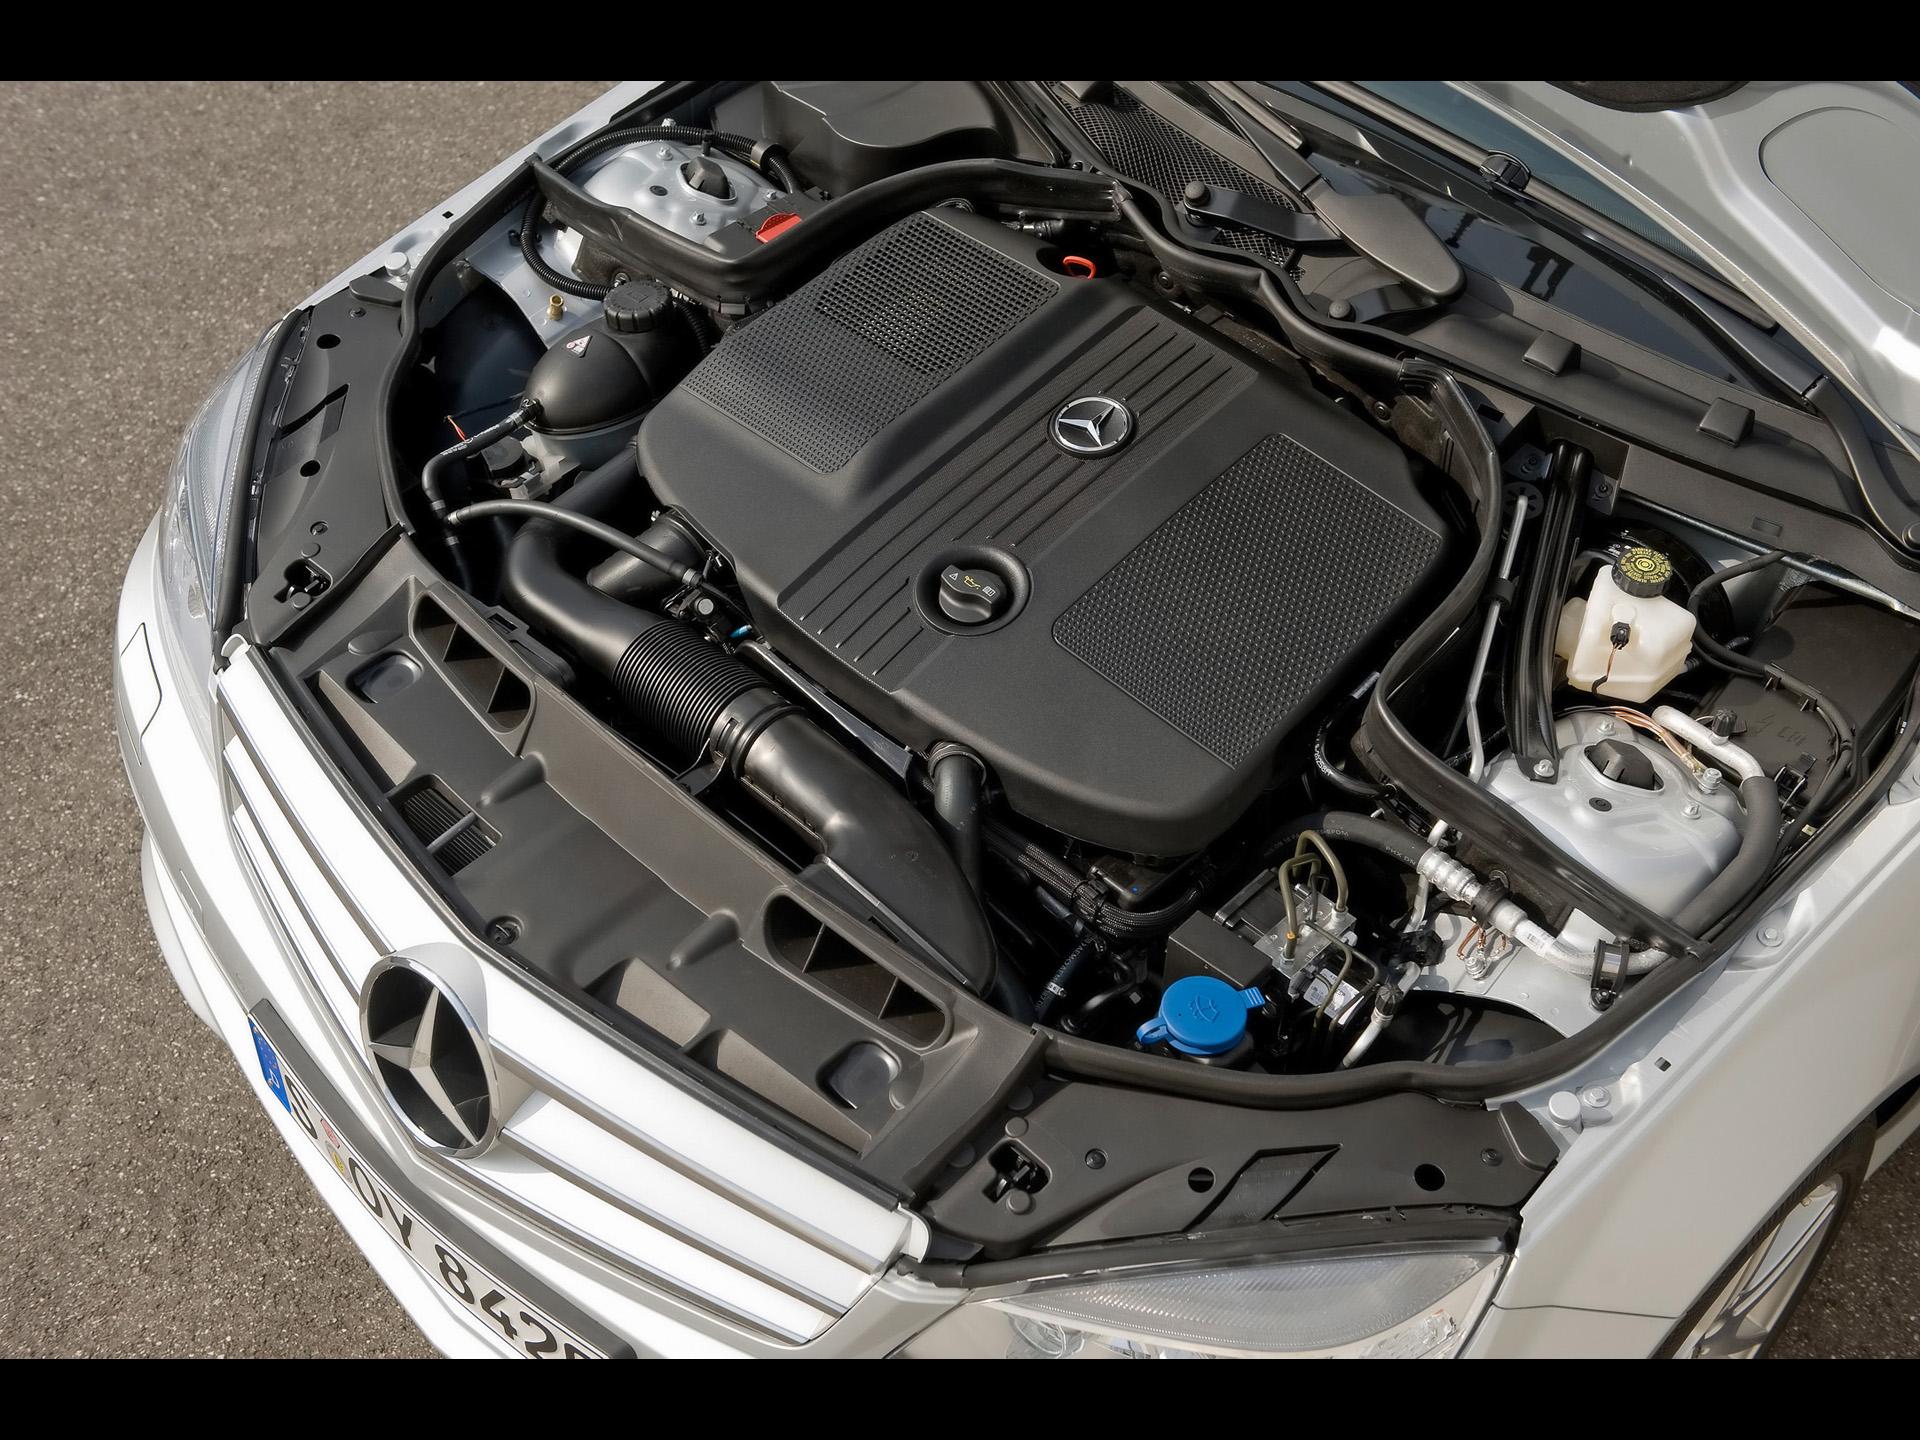 MERCEDES-BENZ 250 engine